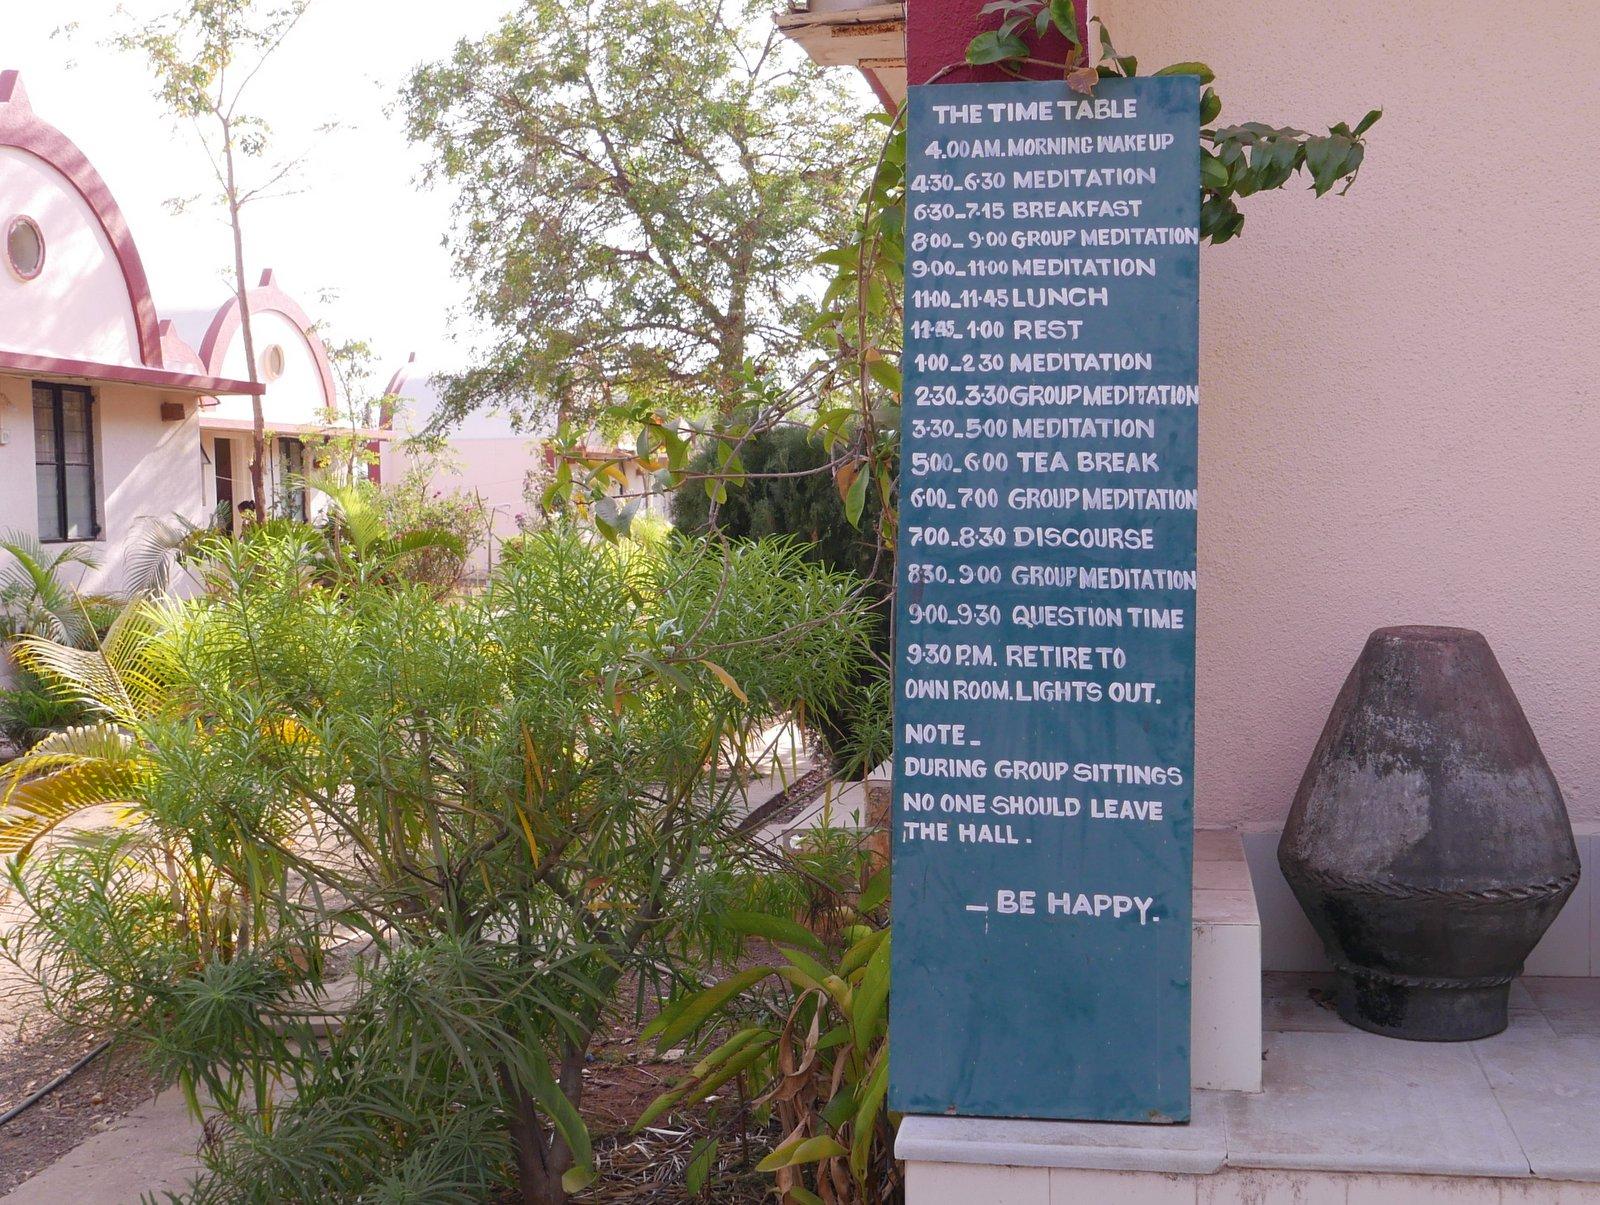 Emploi du temps d'une retraite de méditation Vipassana